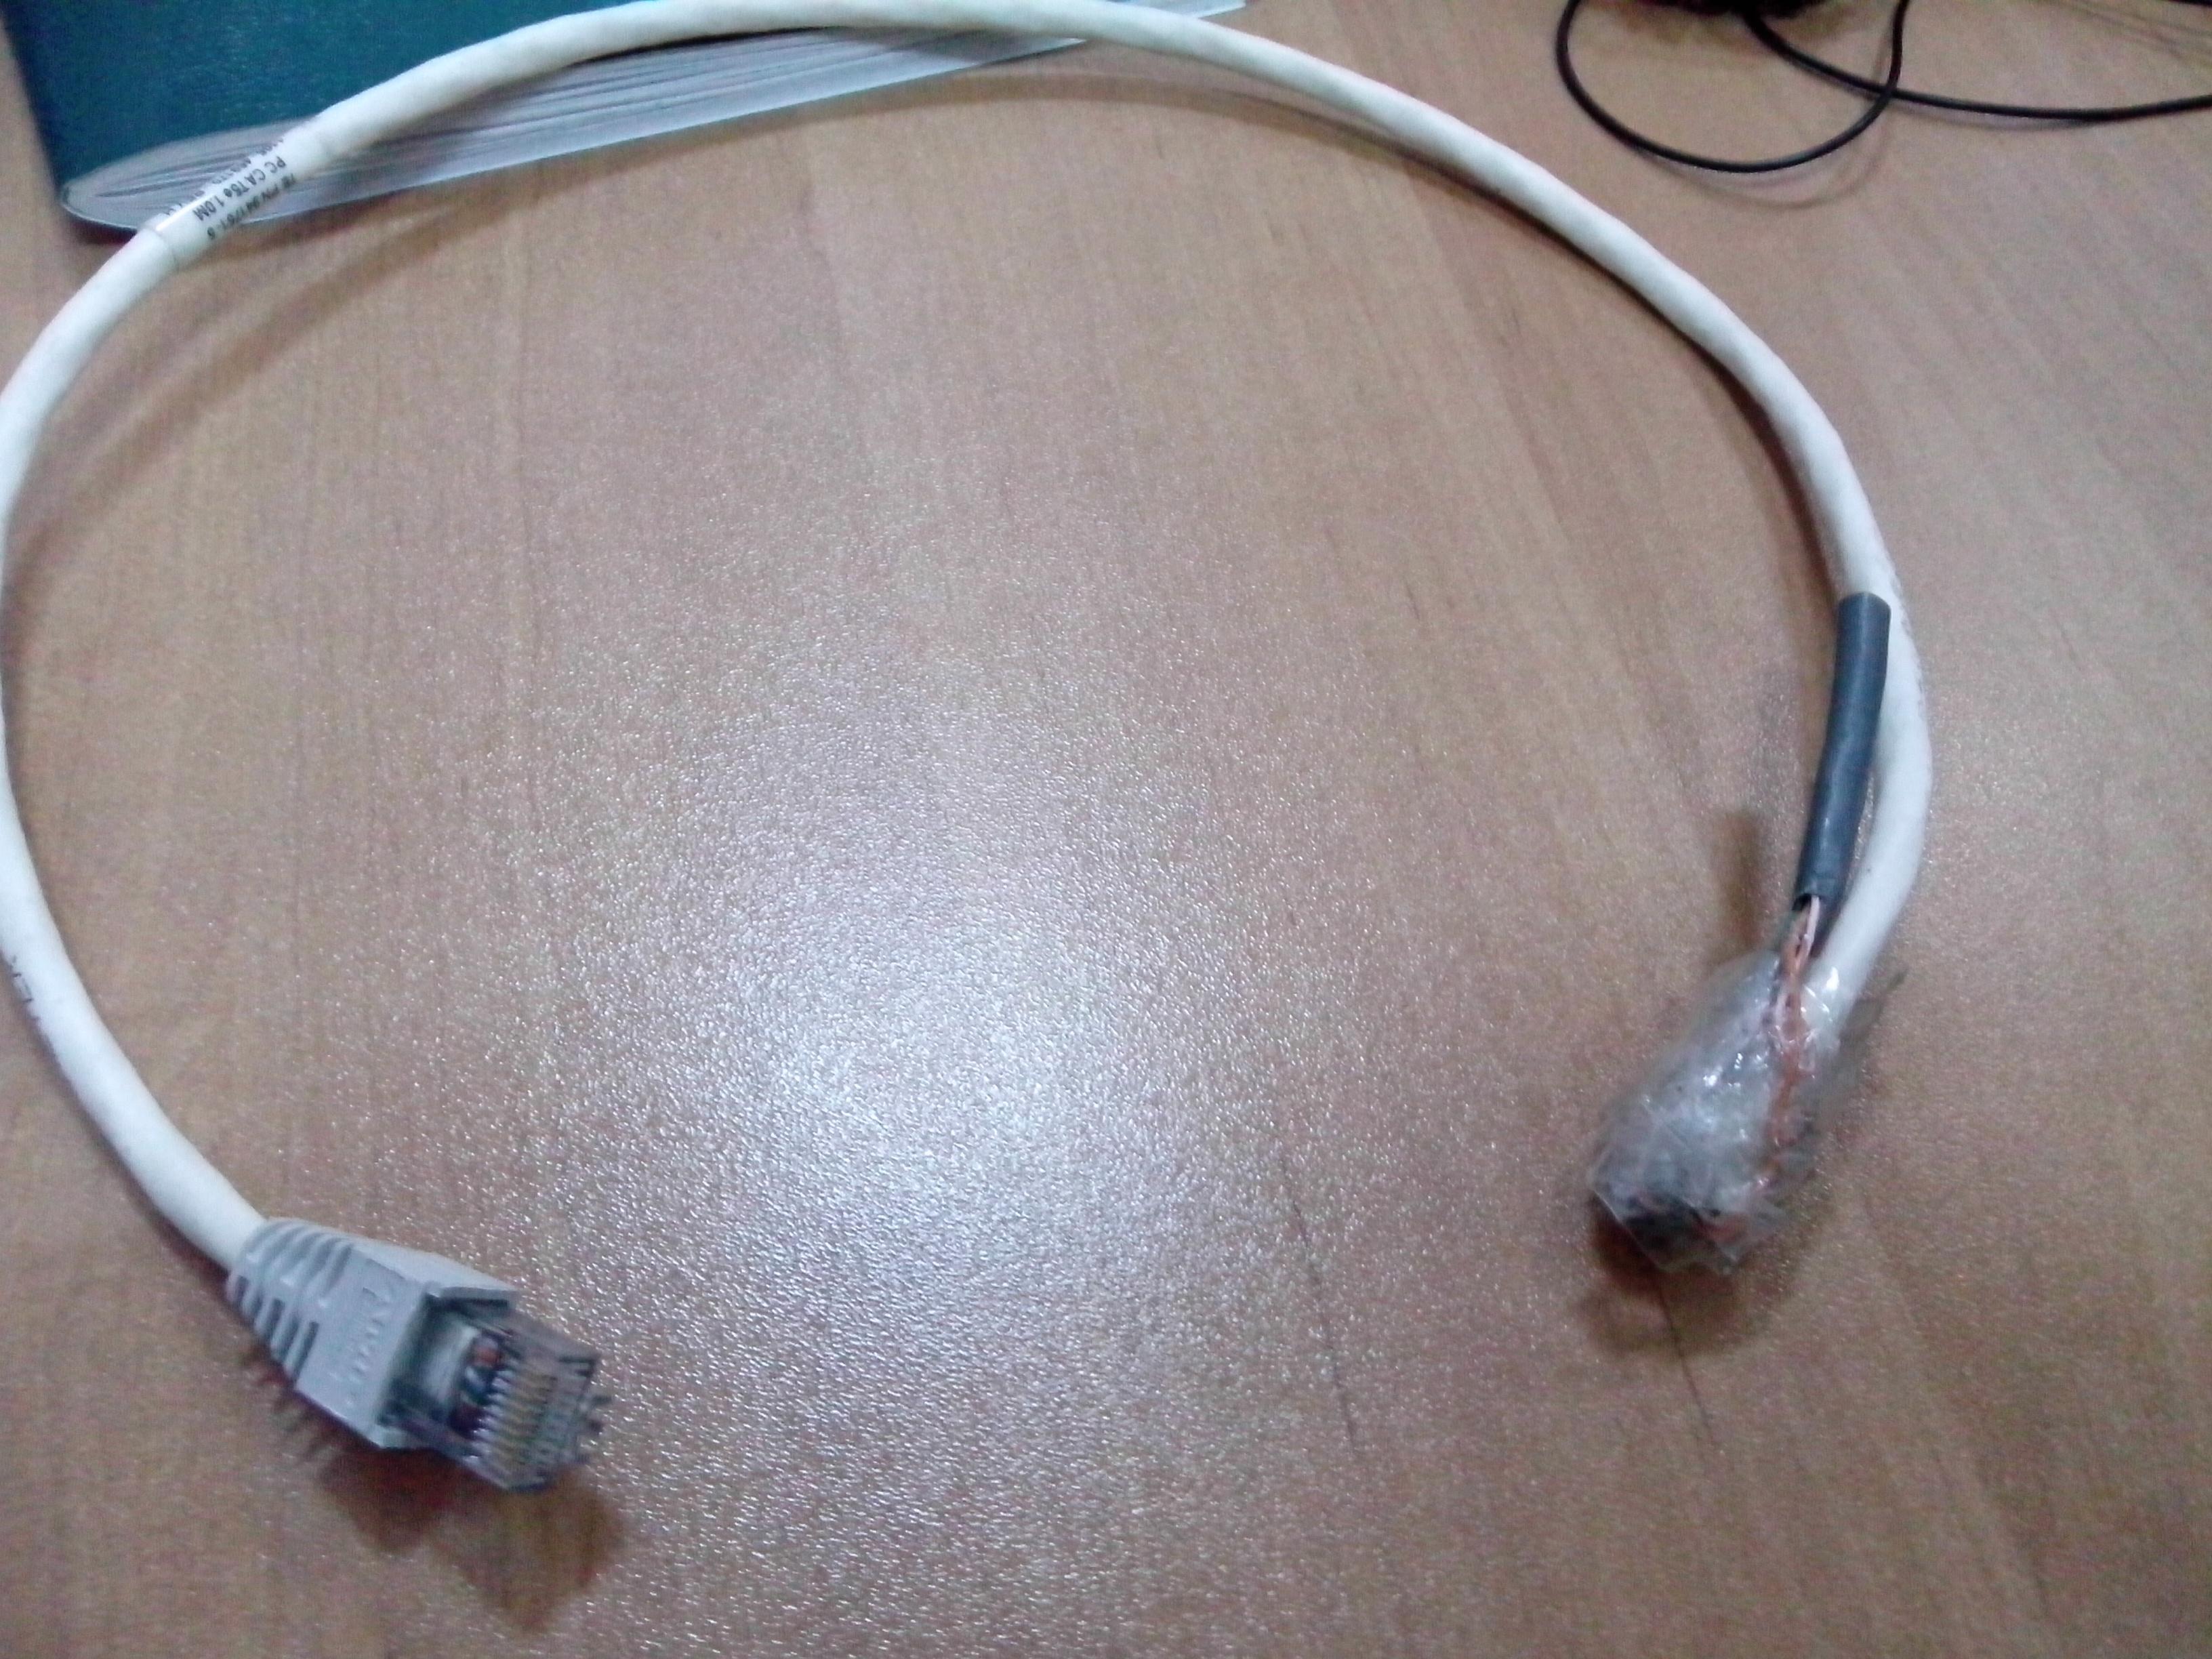 ������� �� ����������� ��� ���������� ��������: kabel.jpg ����������: 284 ������:2.23 �� ID:4257